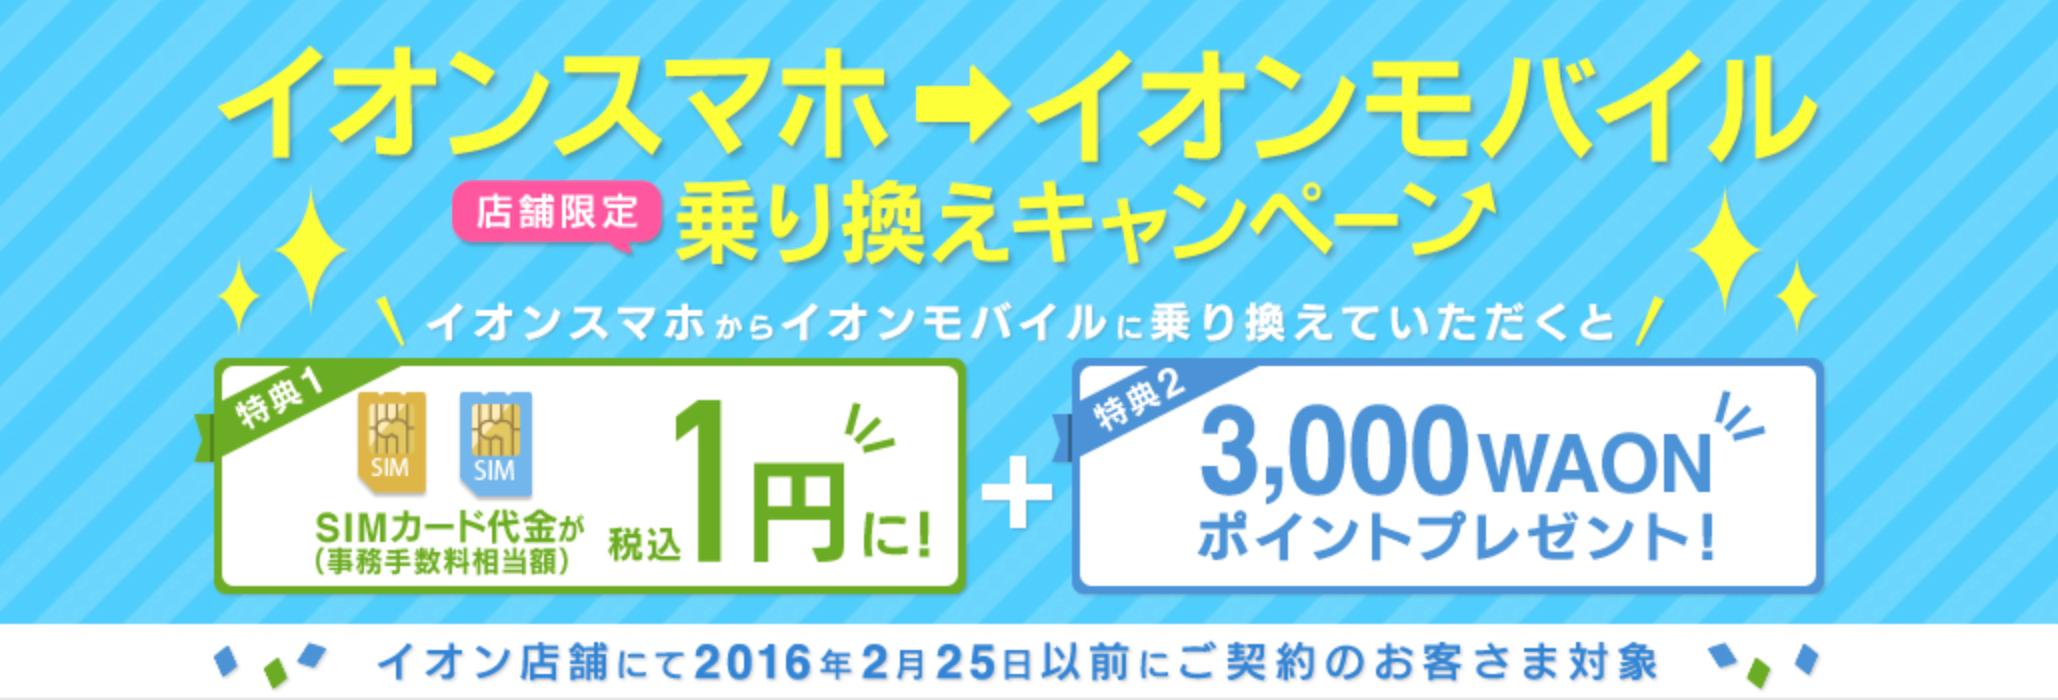 格安SIM_キャンペーン_イオンモバイル_イオンスマホ→イオンモバイル乗り換えキャンペーン